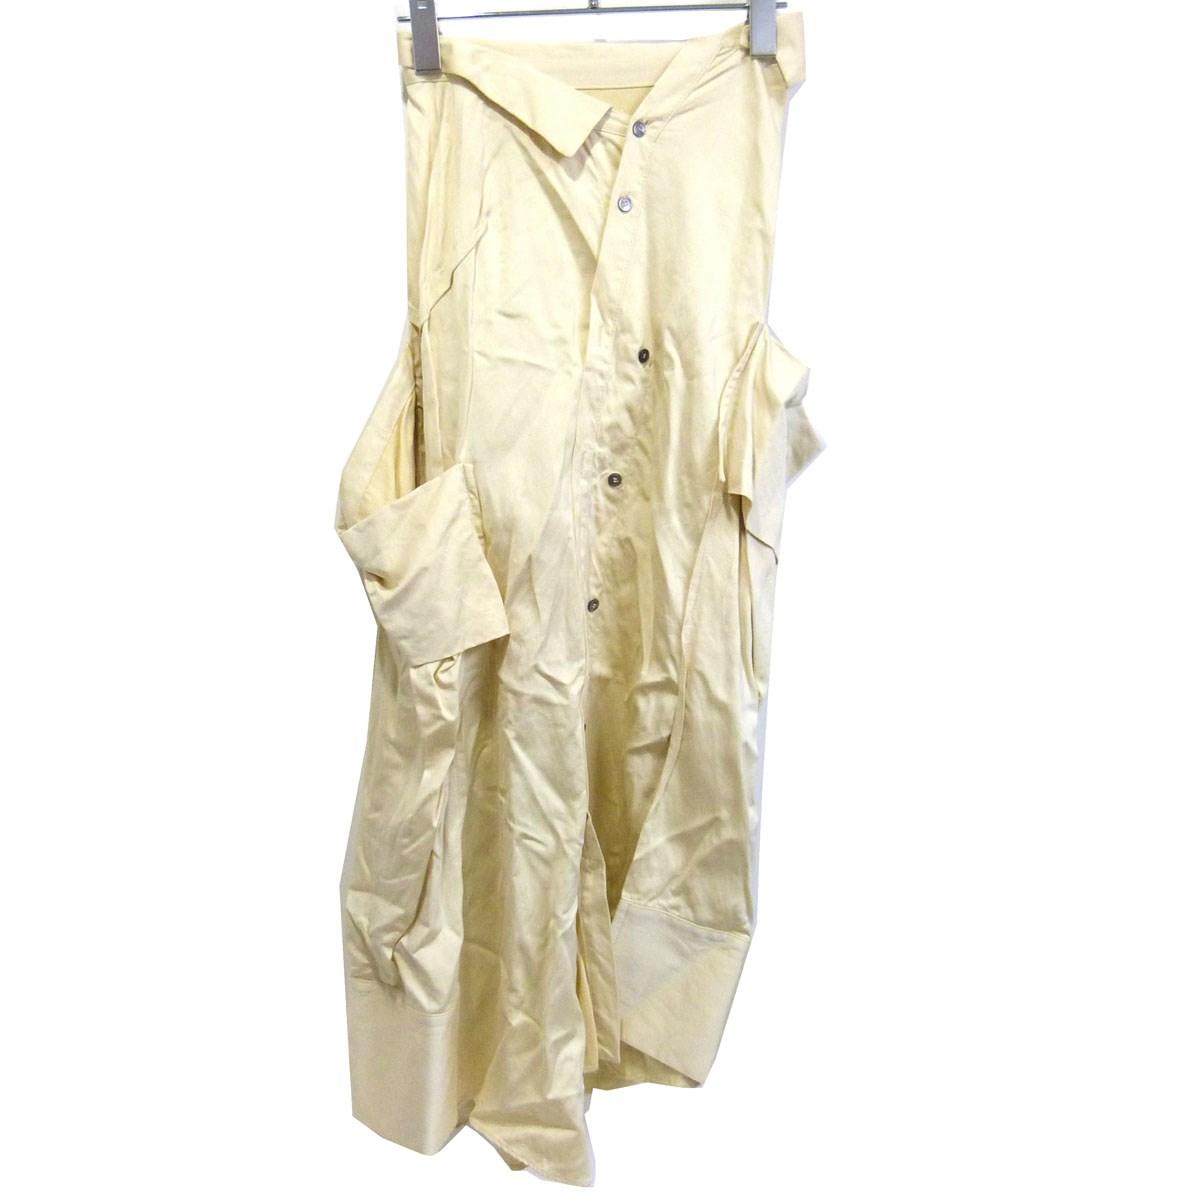 【中古】IRENE 19SS「The shirt pressed Skirt」 シャツスカート イエロー サイズ:36 【130320】(アイレネ)